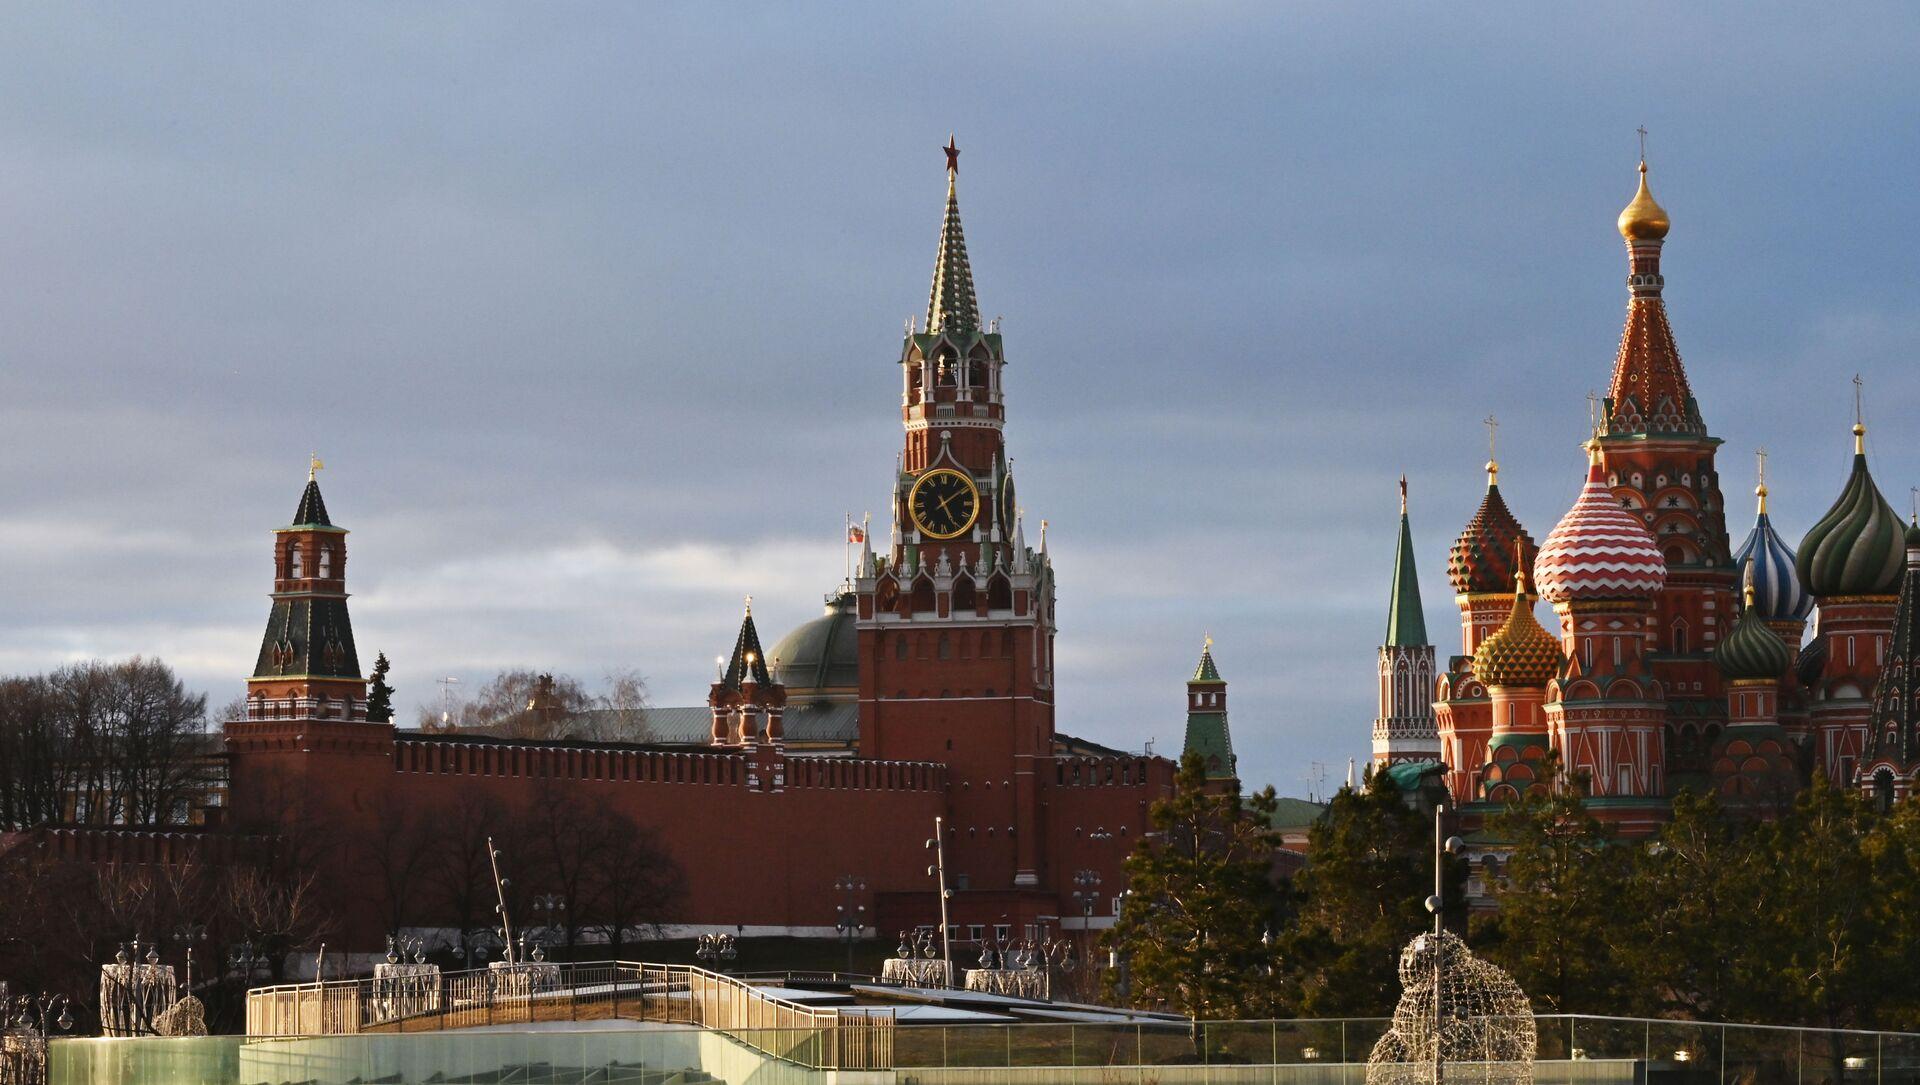 Вид на Кремль в центре Москвы, фото из архива - Sputnik Азербайджан, 1920, 10.03.2021